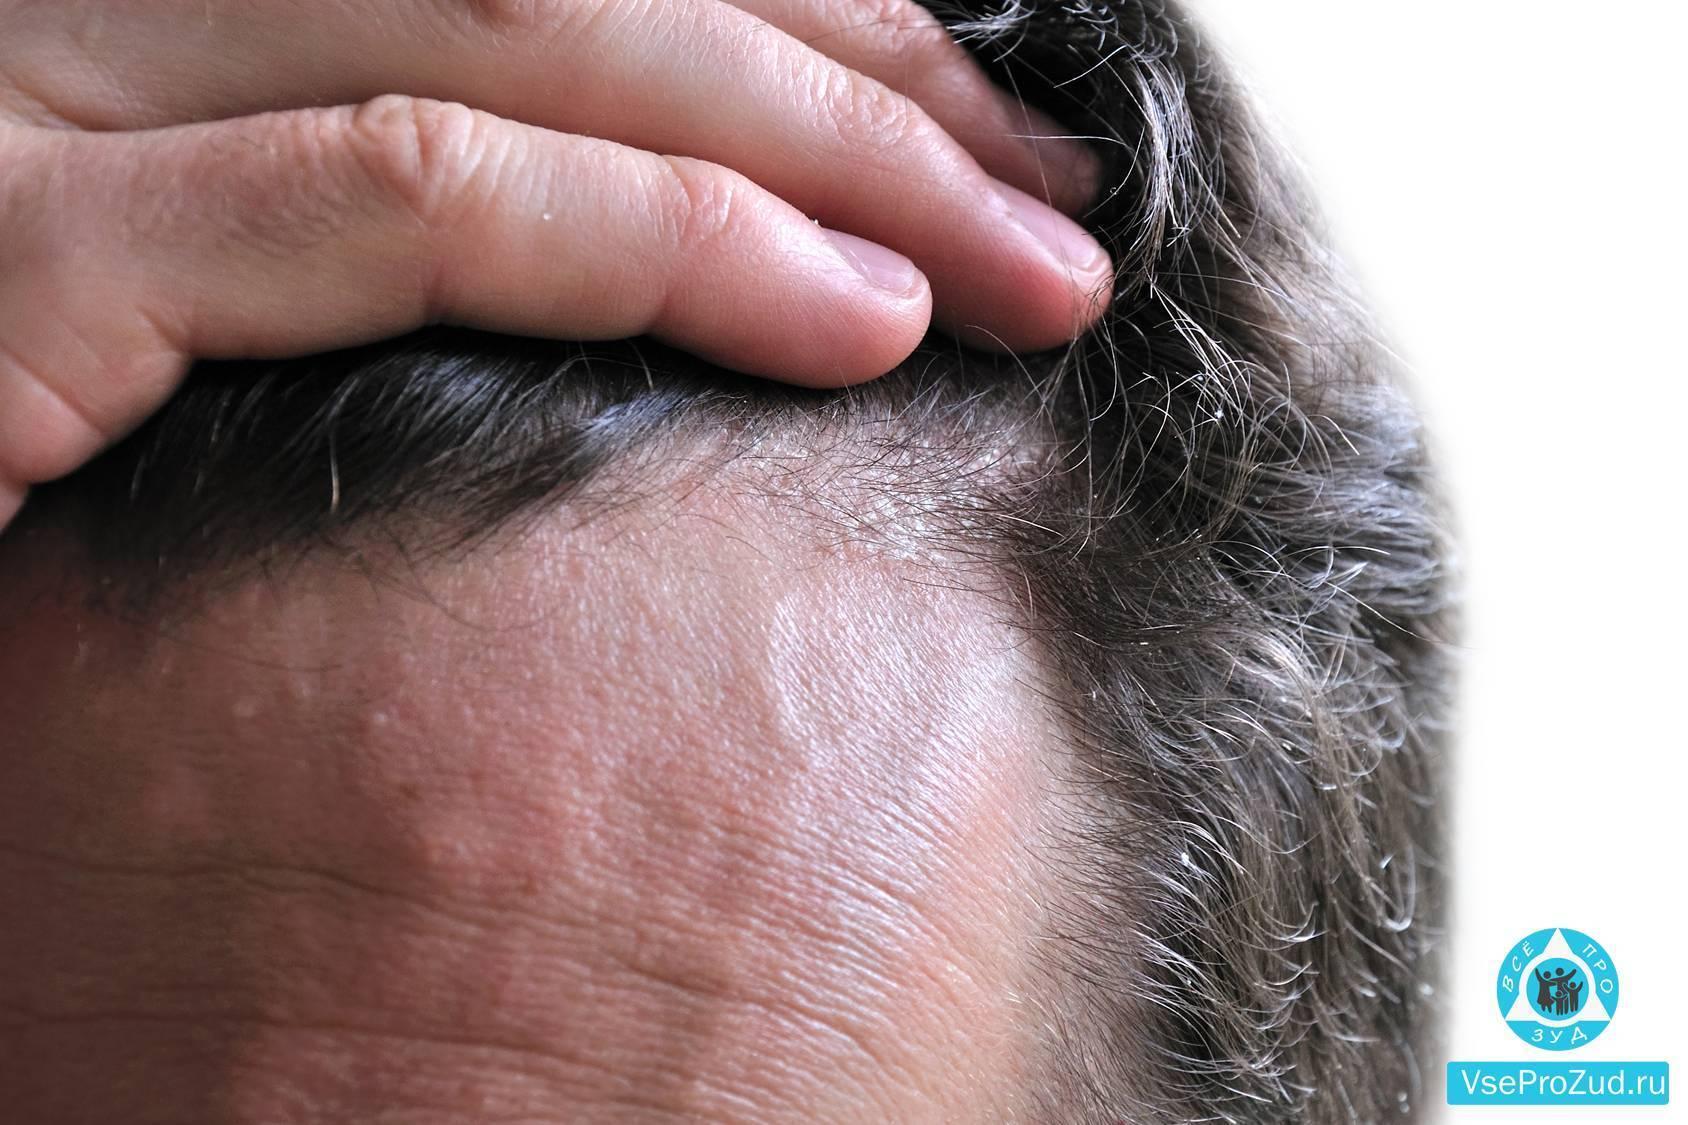 Демодекоз кожи головы: симптомы и лечение